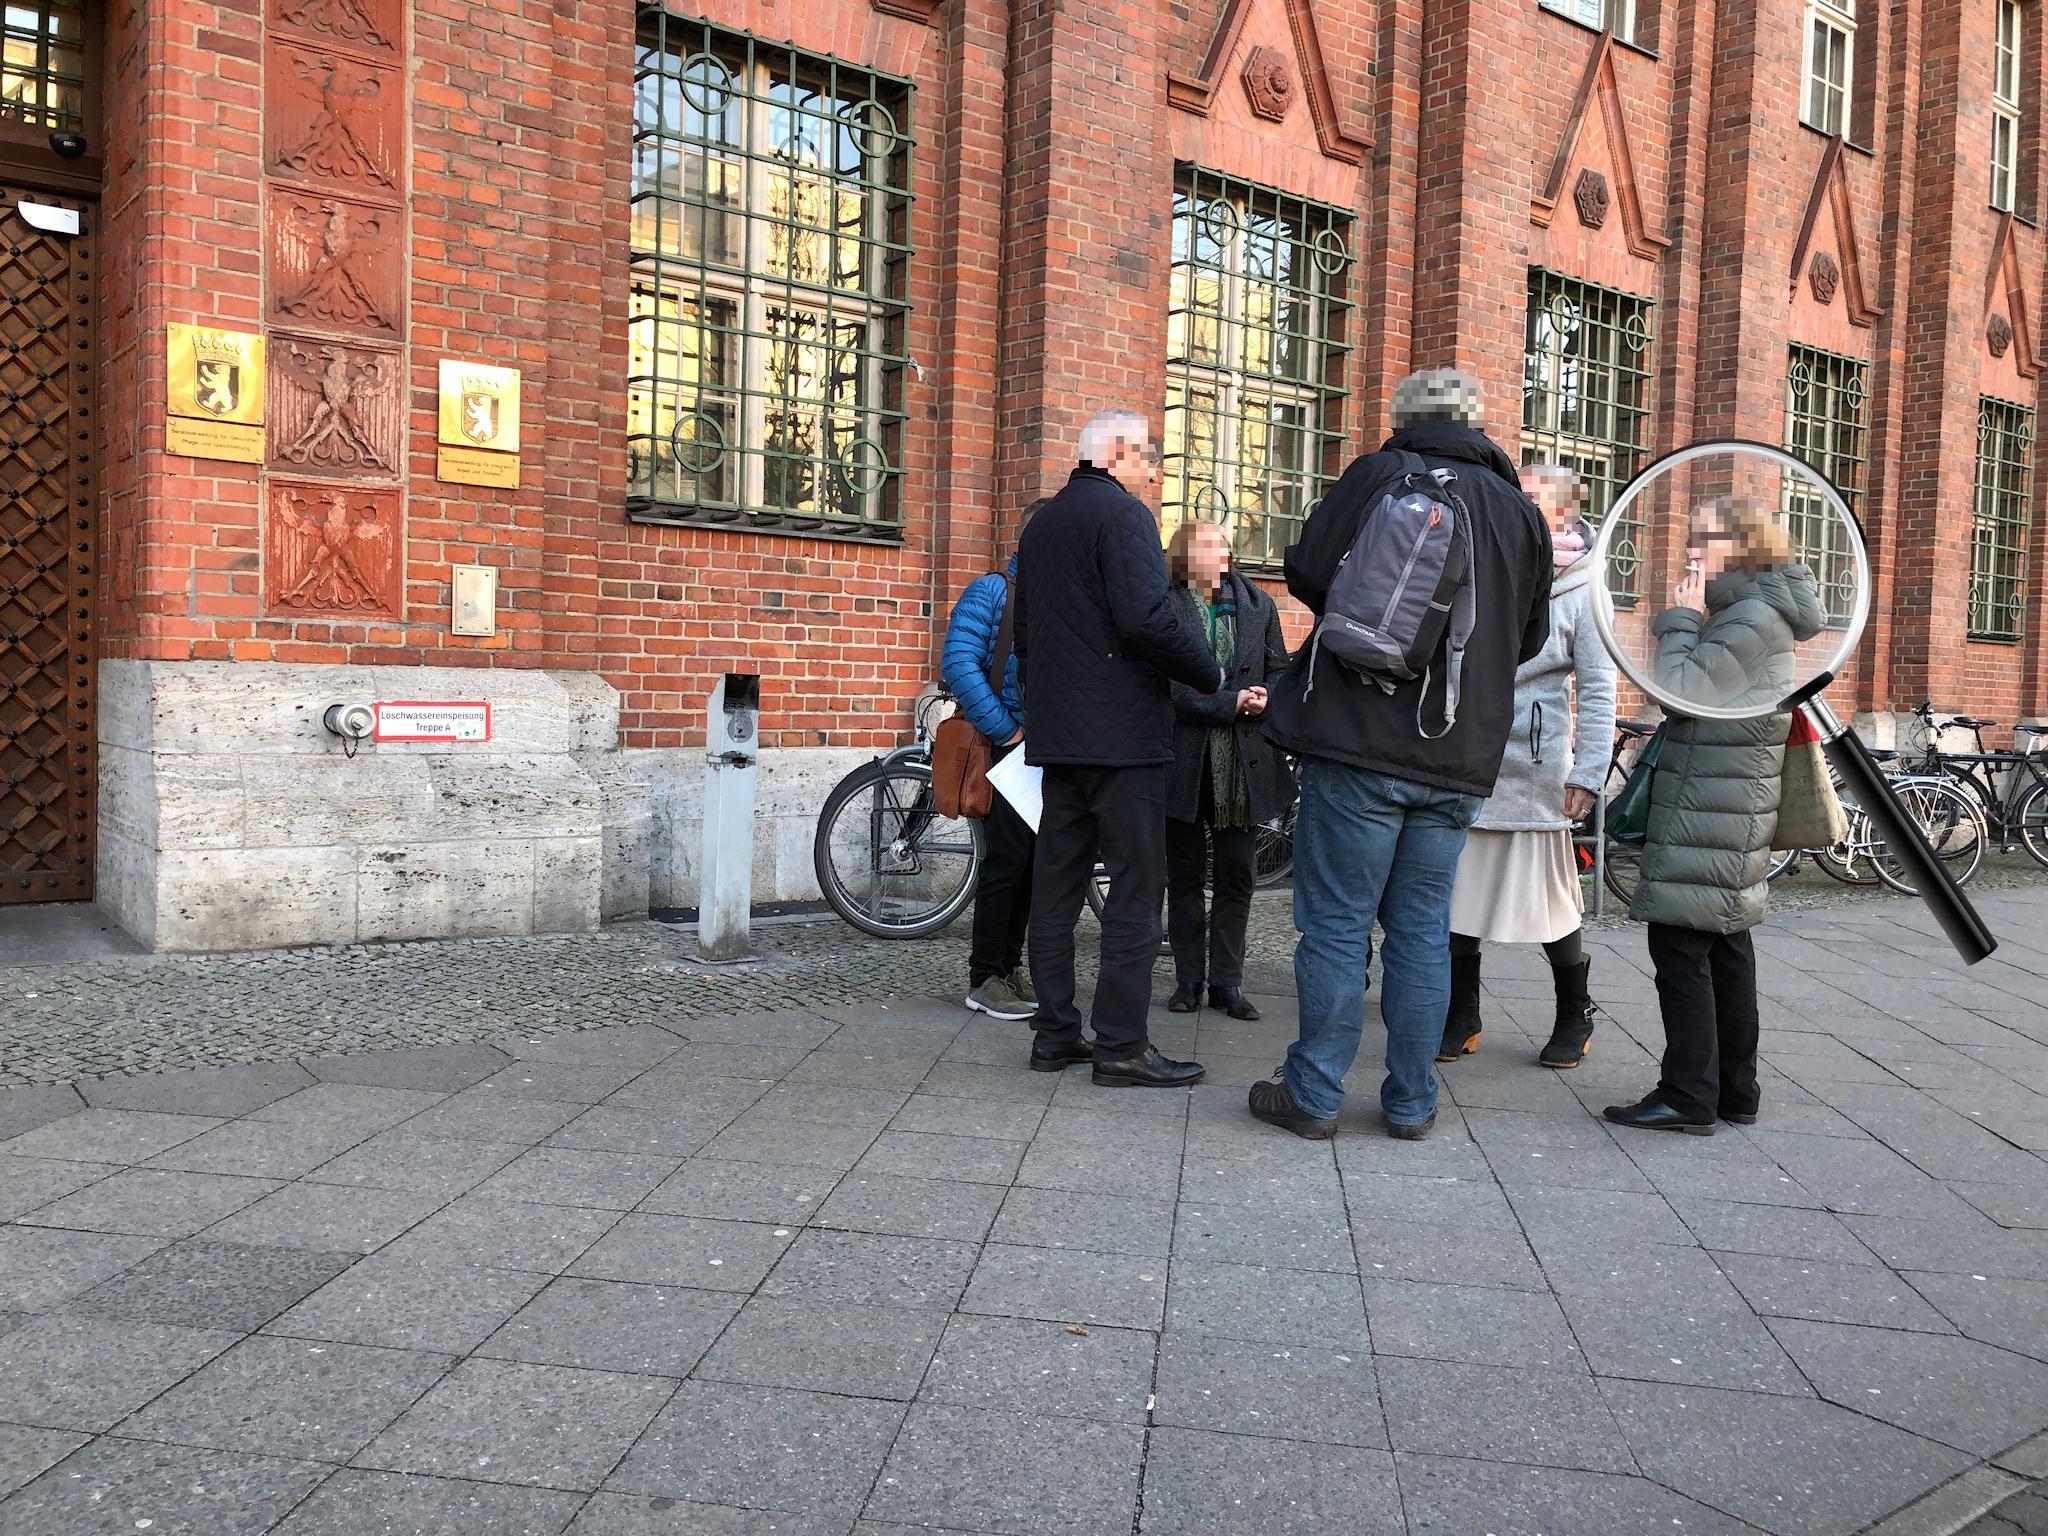 Berliner Zeitung von heute: Rauchen vor Gebäuden gehört verboten!